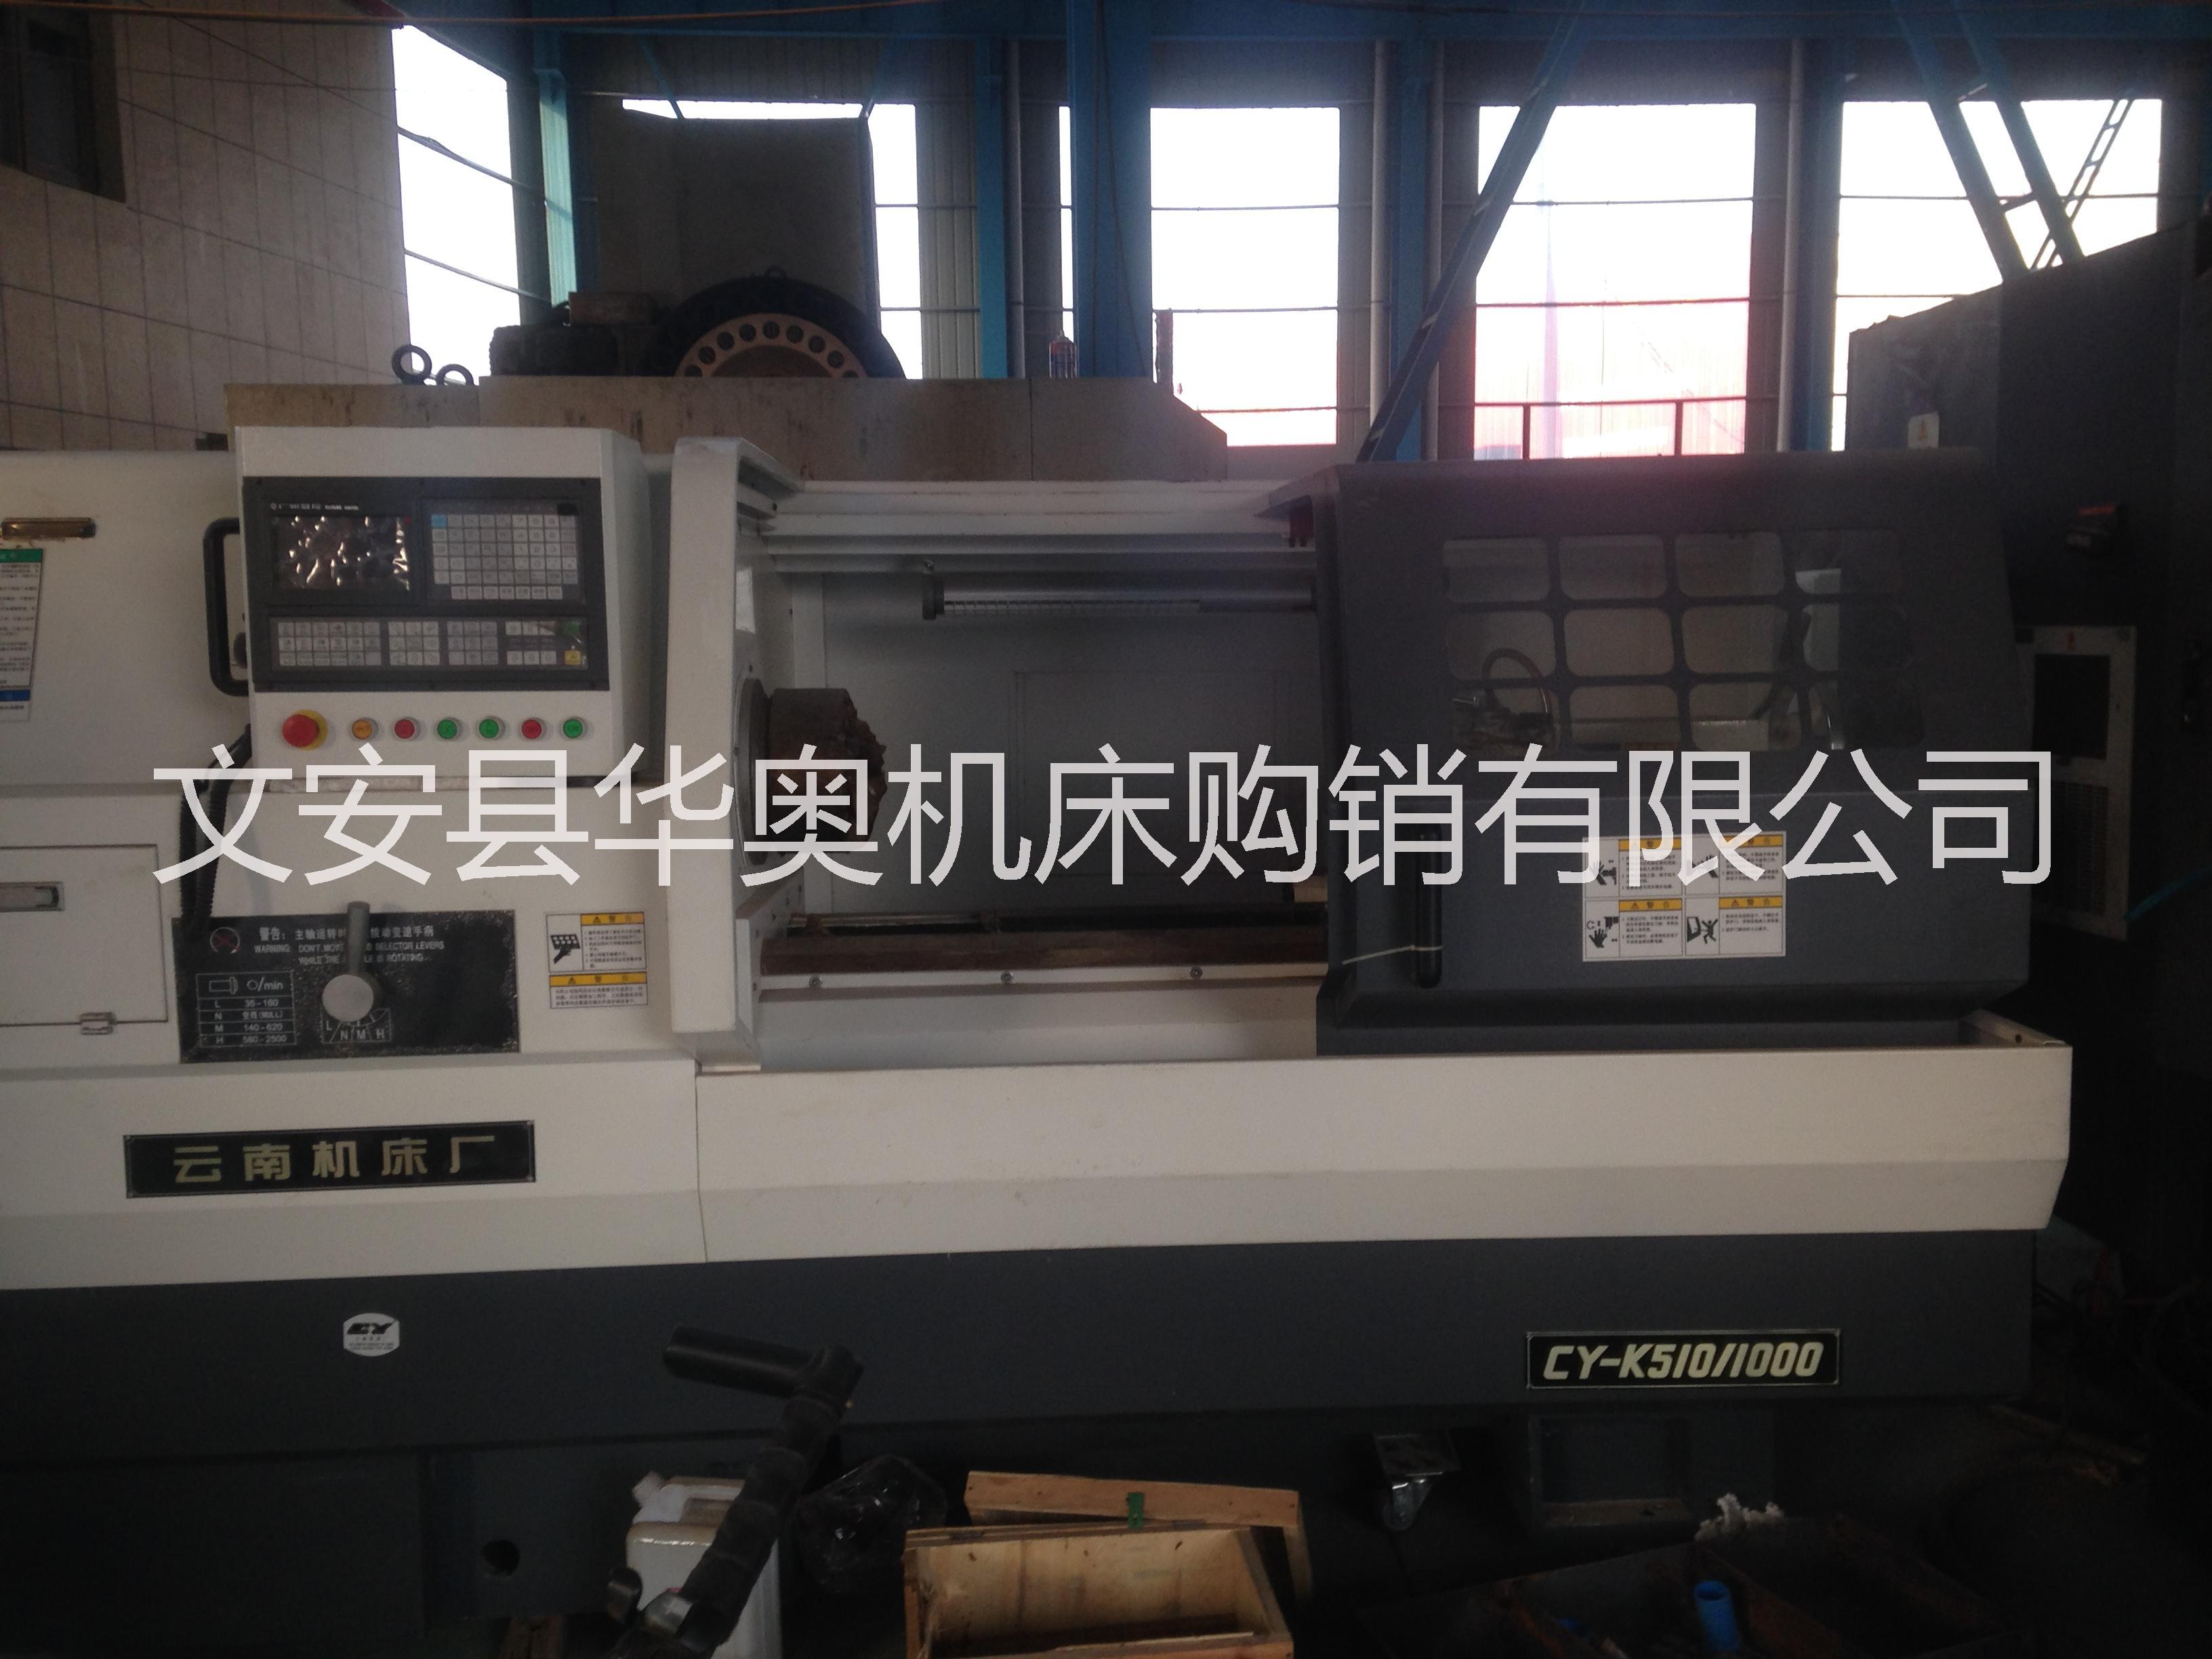 供应用于金属车削的云南机床厂CY-K510数控车床